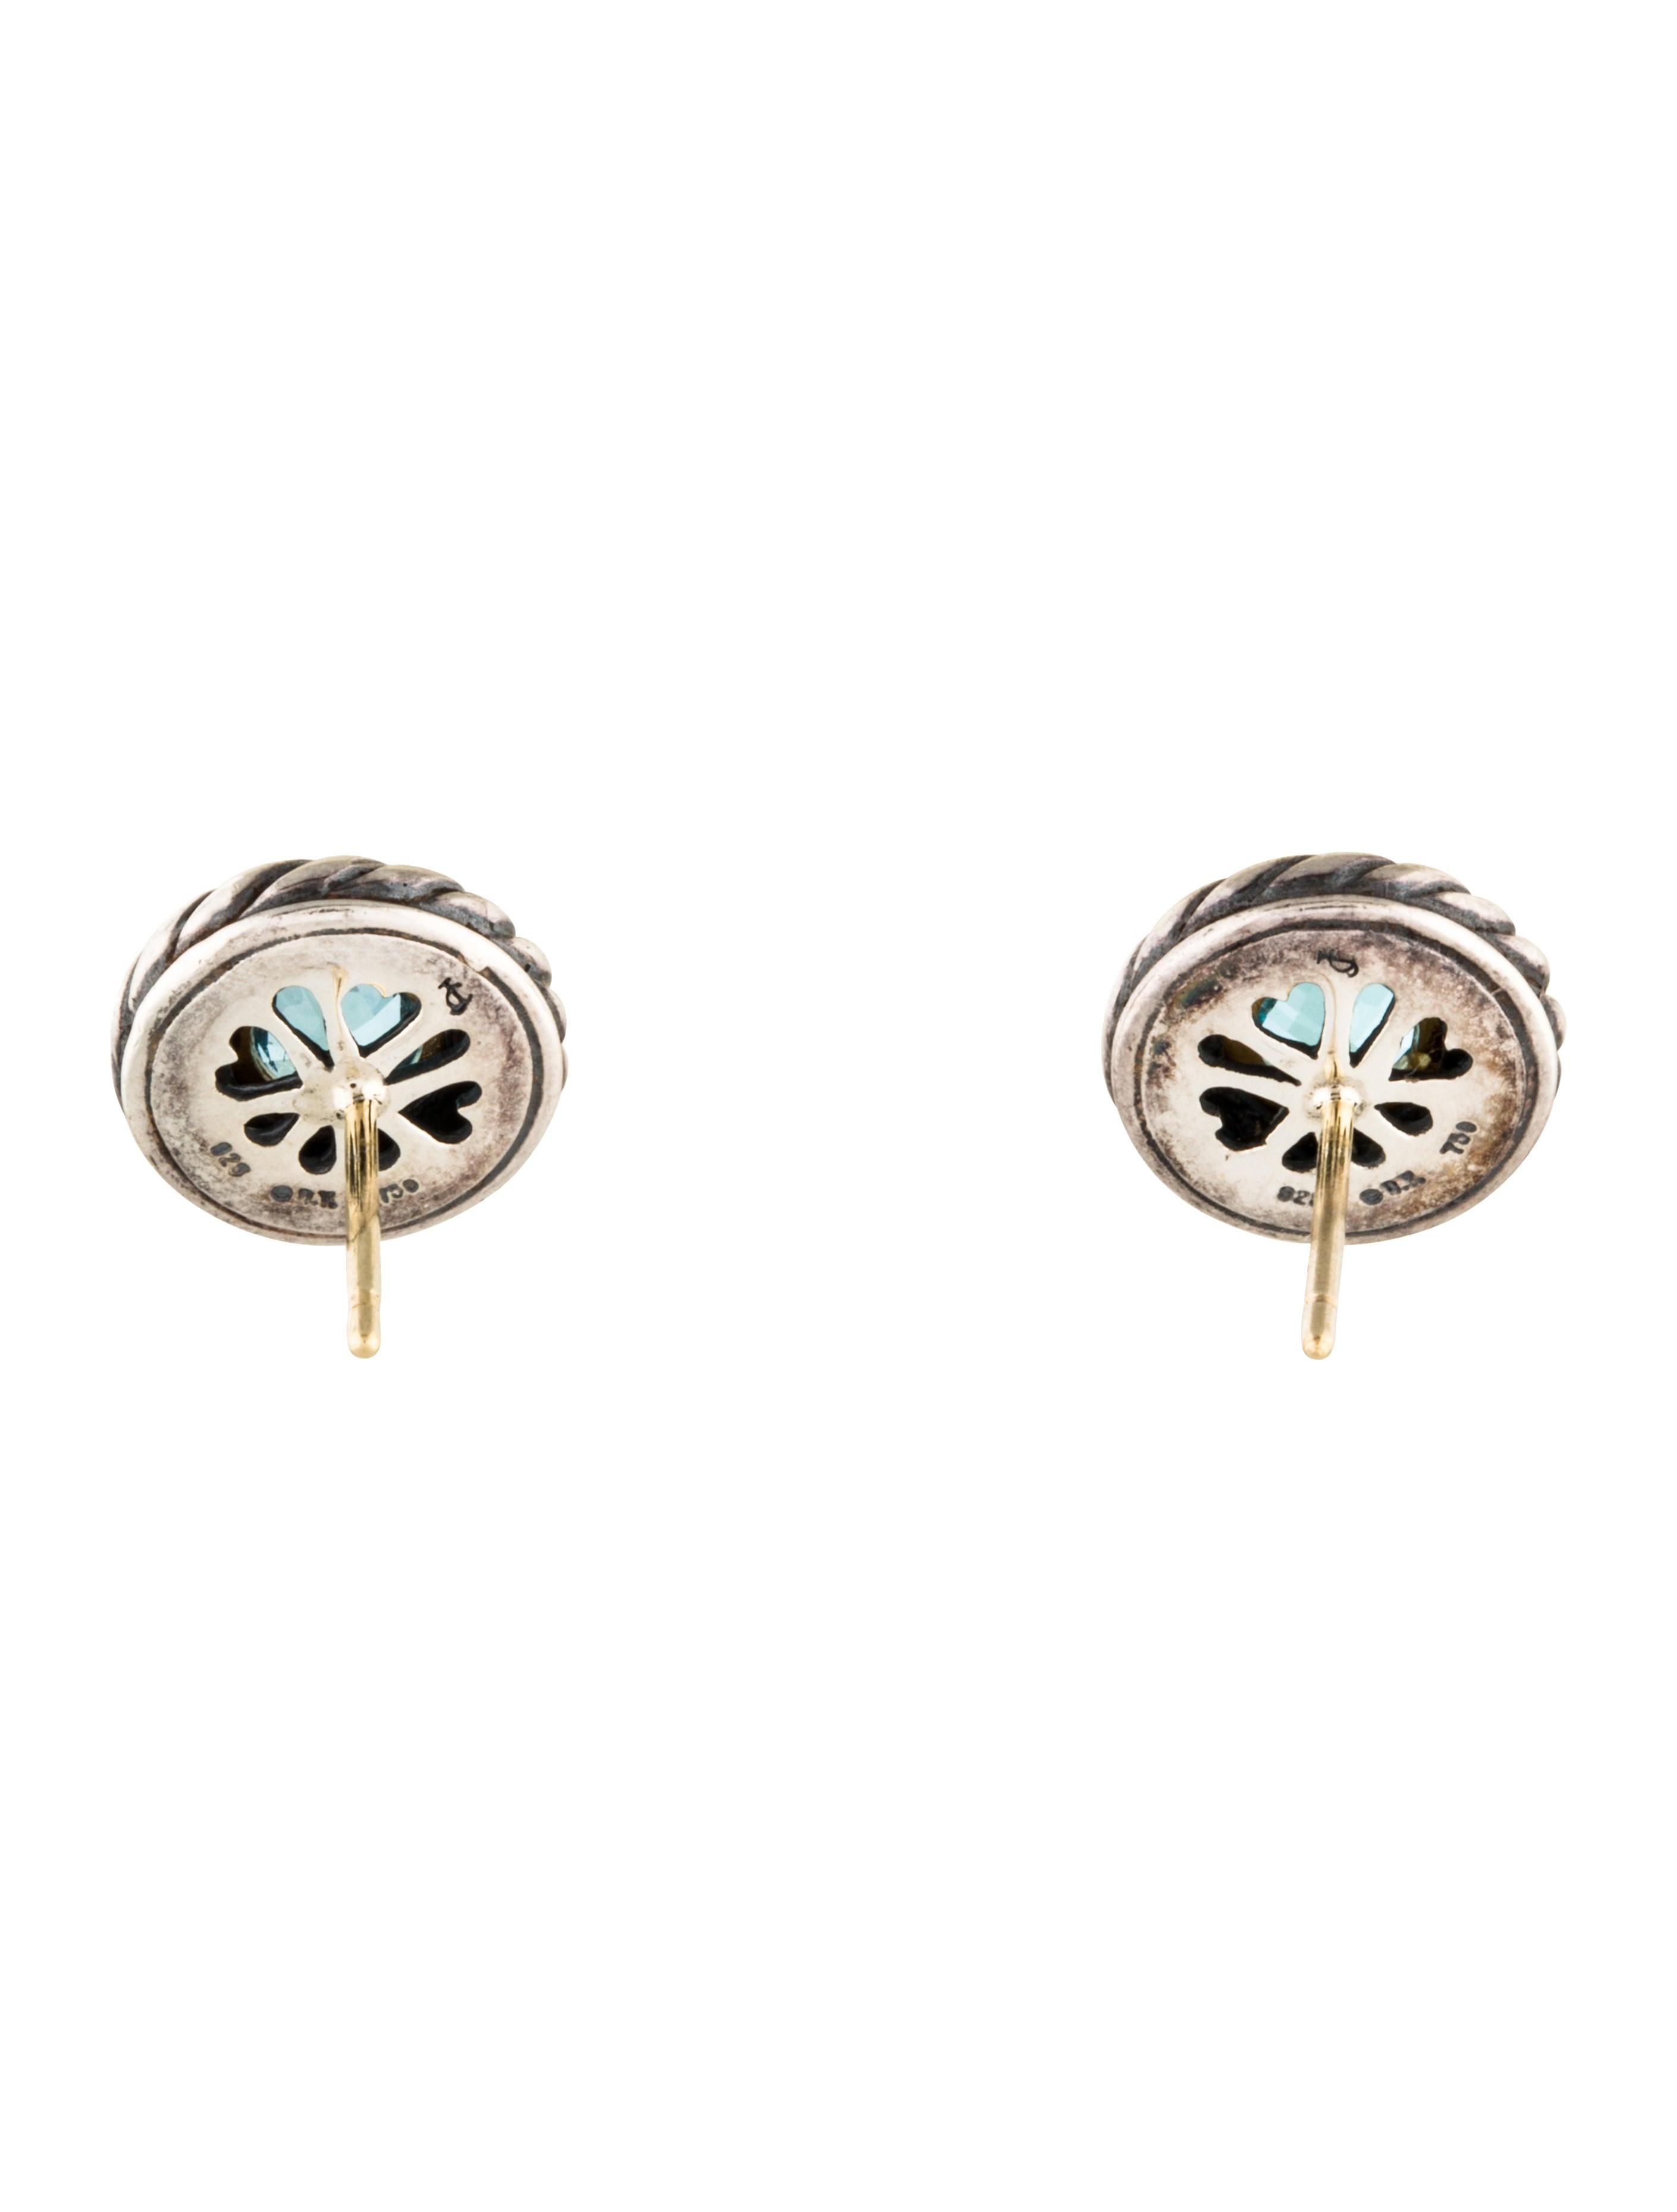 David Yurman Topaz Cookie Stud Earrings Earrings DVY